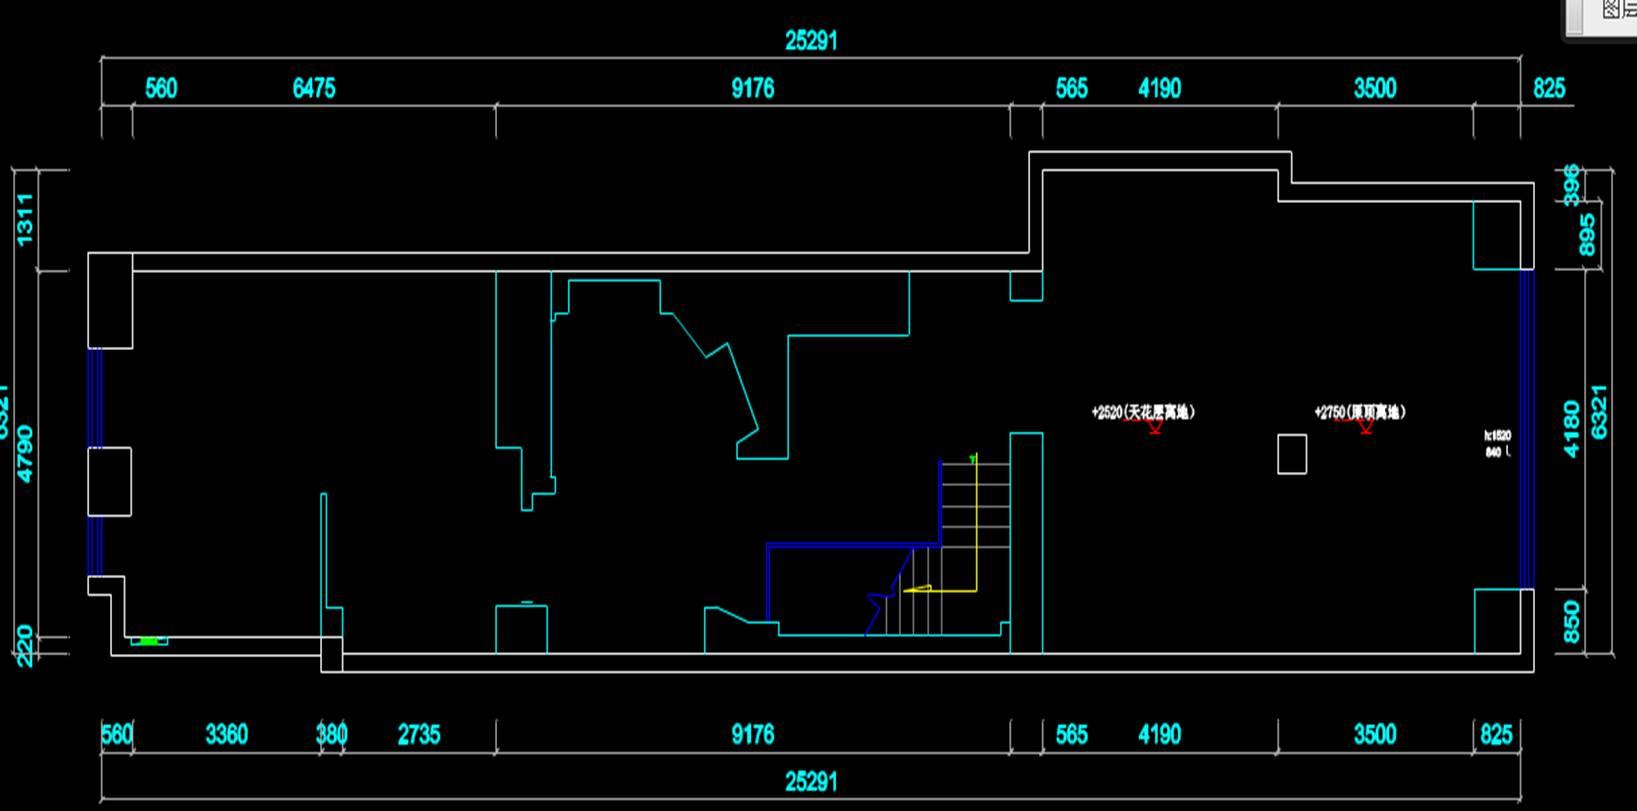 某原始建筑室内设计CAD绘图平面图